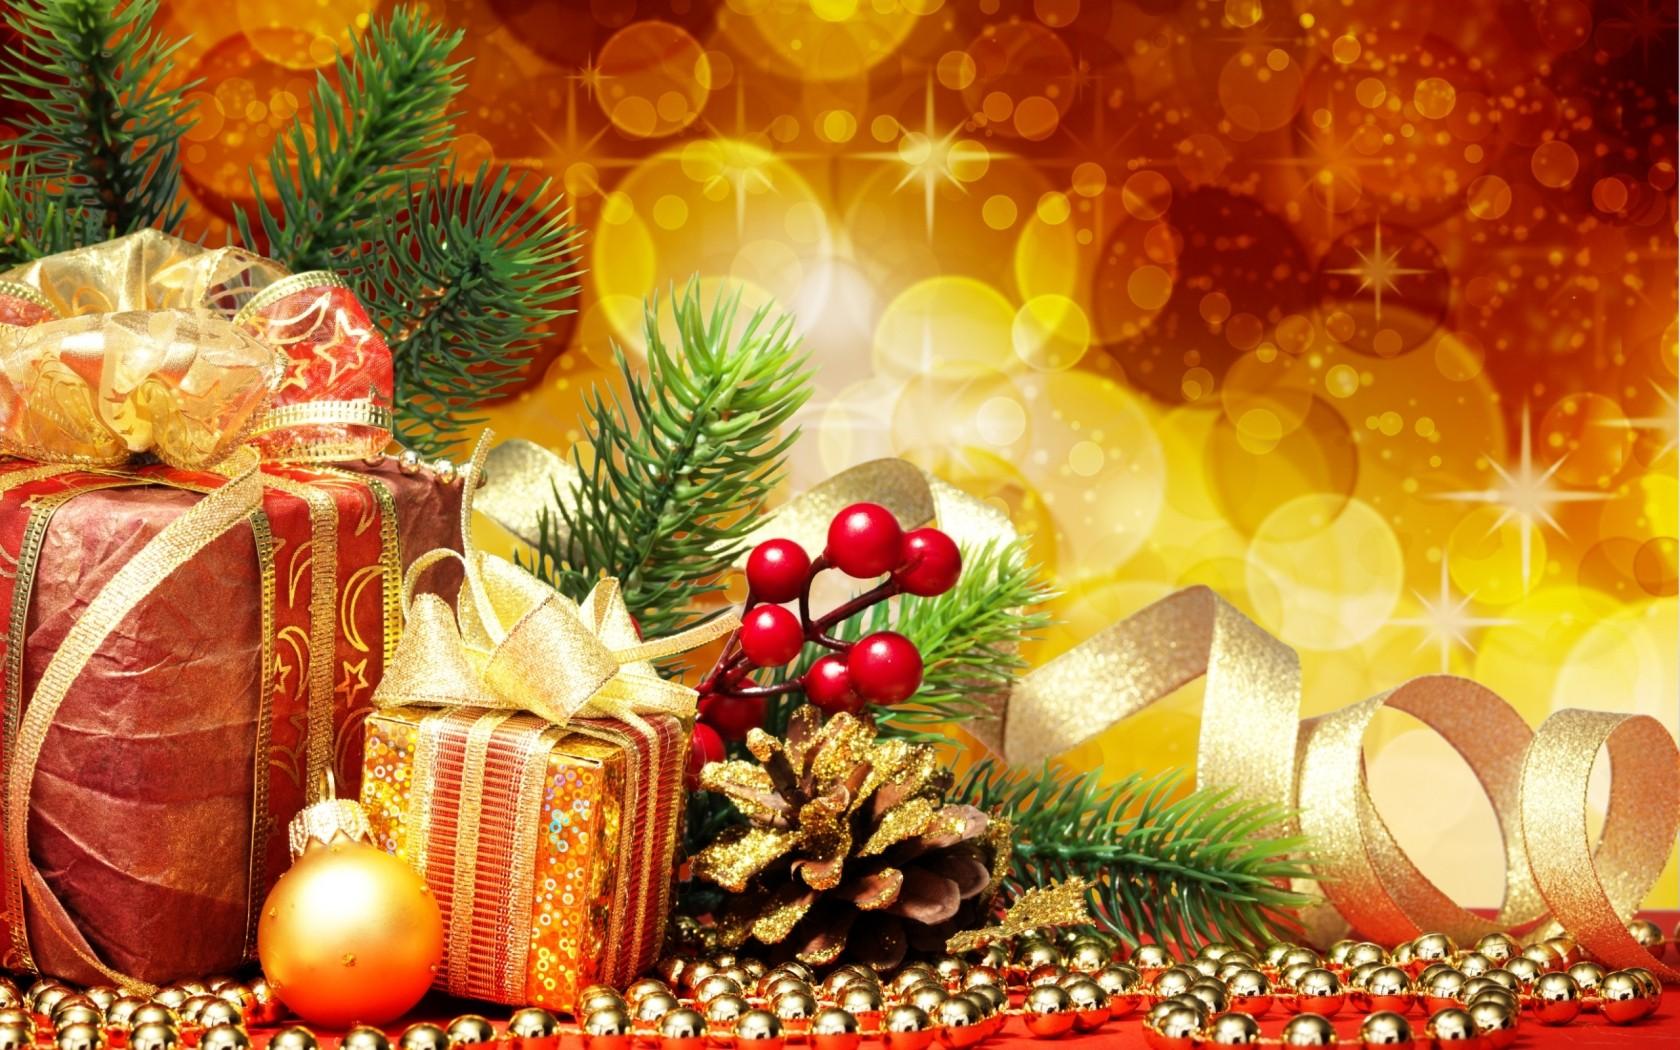 Decoracion de adornos para navidad - 1680x1050